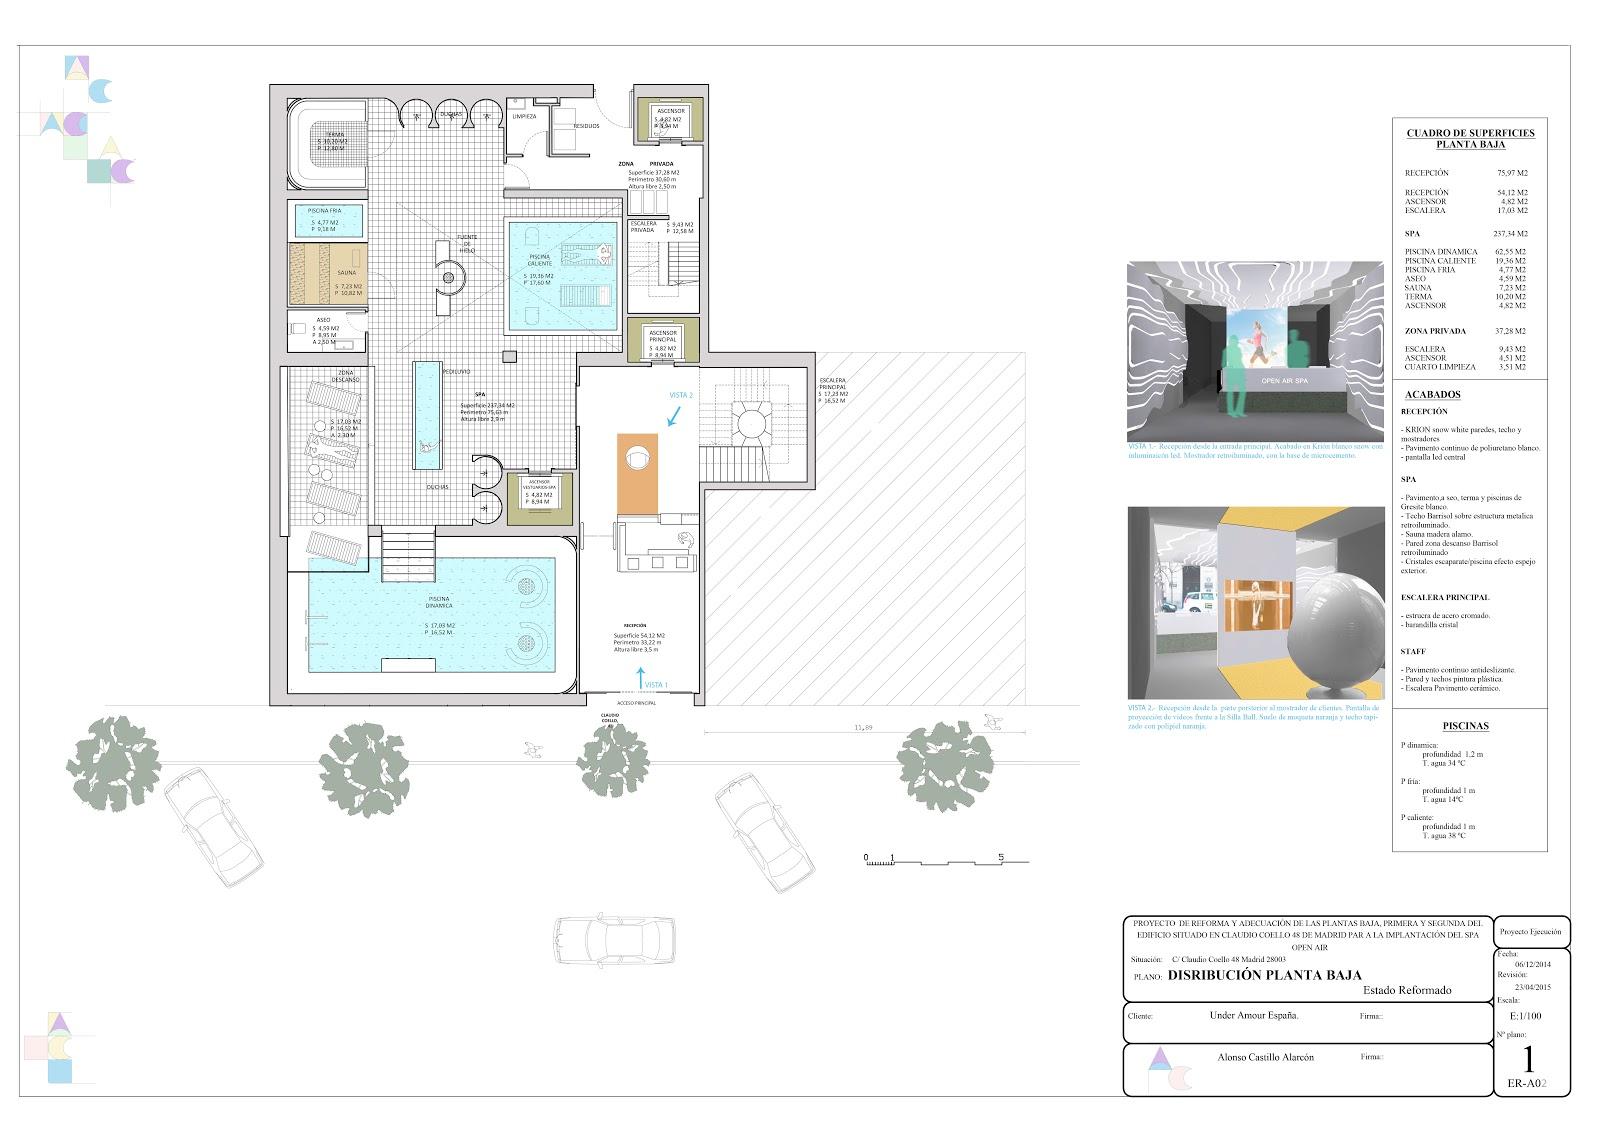 Interiorismo ac proyecto open air spa - Distribucion salon ...